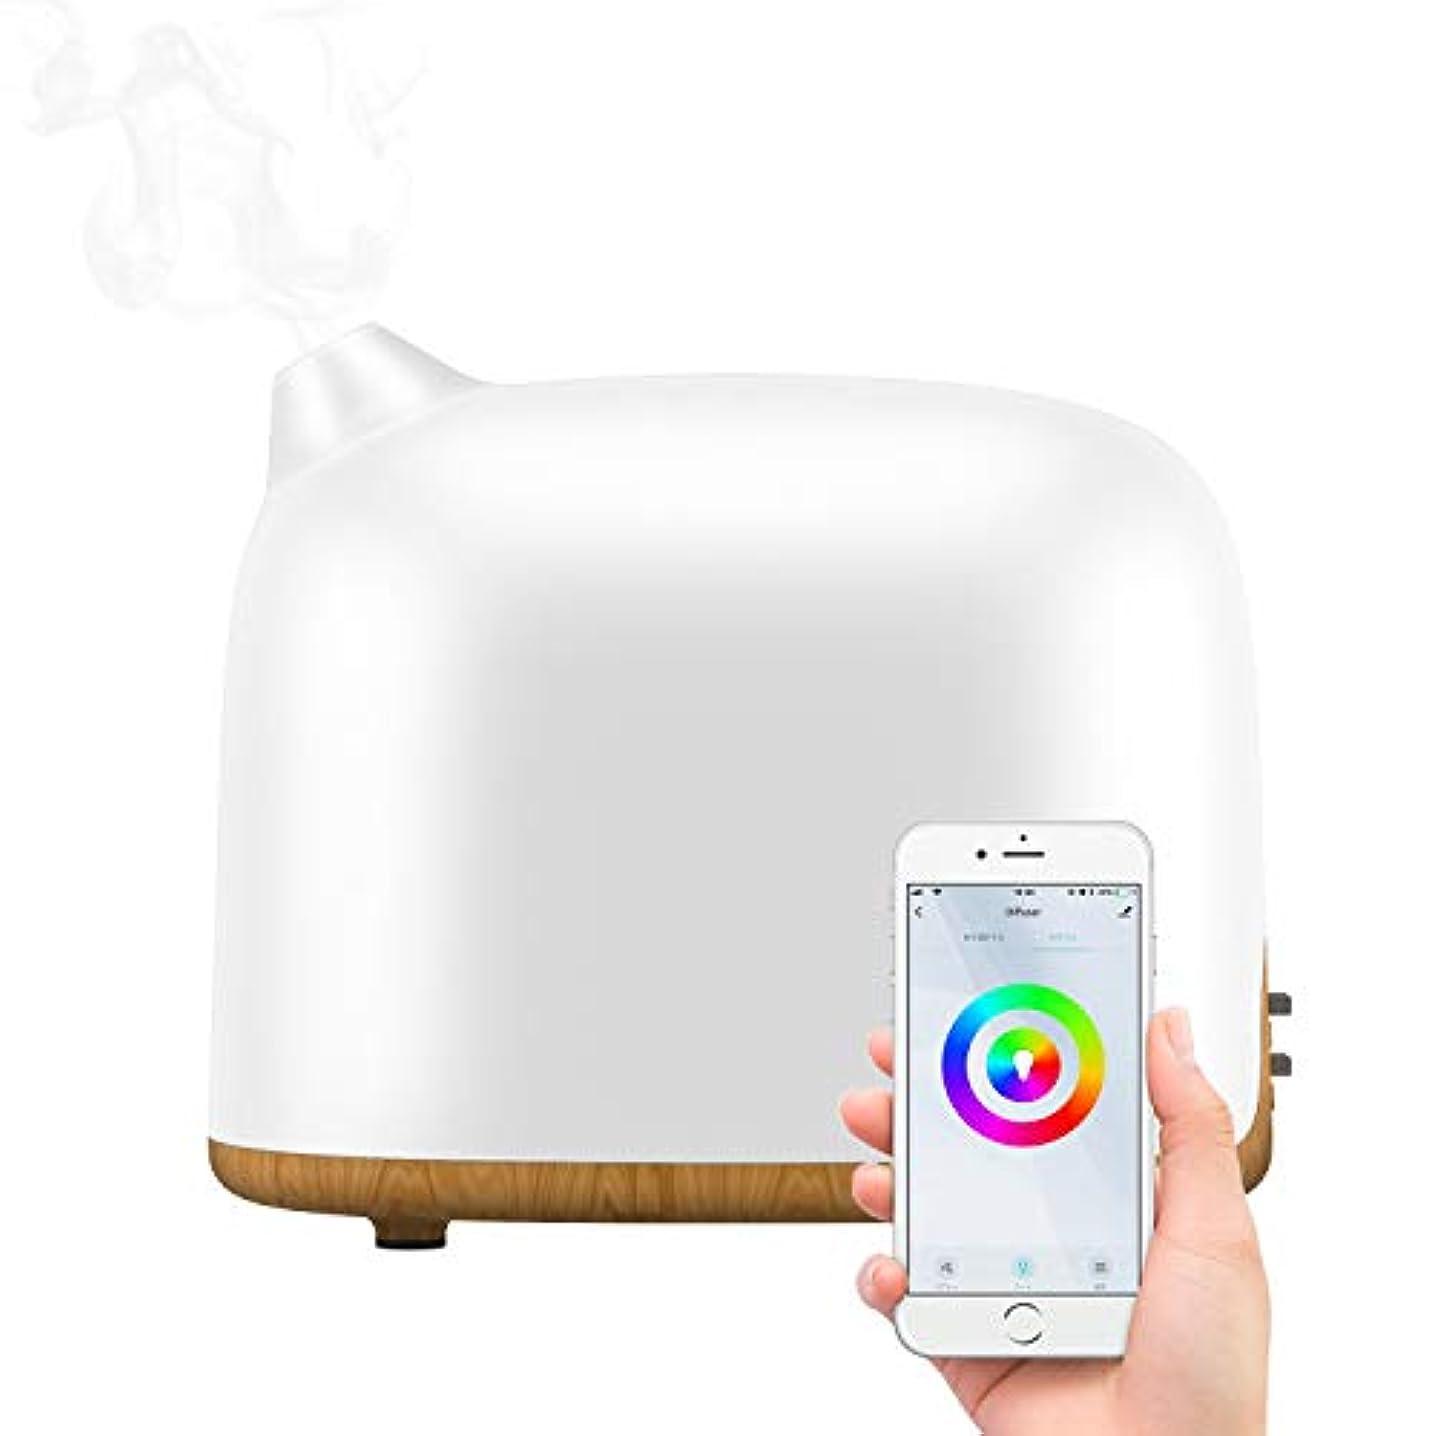 パテ保有者無限大[令和最新版]スマートアロマディフューザー MILcea スマホ連動 超音波アロマ加湿器 ミスト2段階調節 14色LEDライト変換 時間設定 静音 省エネ 空焚き防止機能付き Amazon Echo/Google Home対応 乾燥/花粉症対策 300ML 木目調